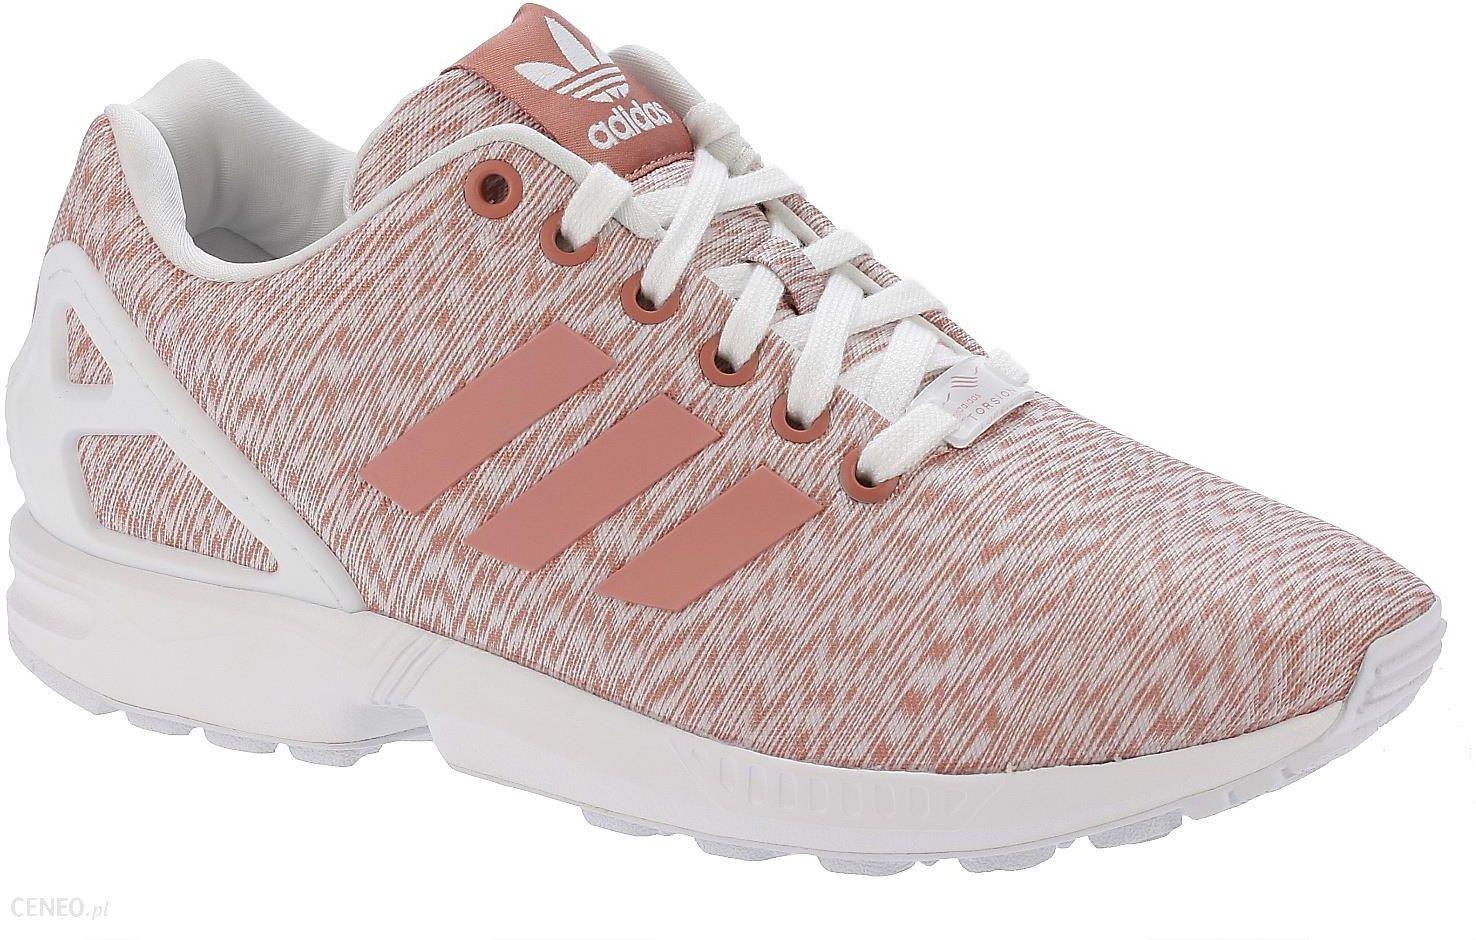 Buty adidas Originals ZX Flux Raw PinkRaw PinkWhite 38 Ceny i opinie Ceneo.pl